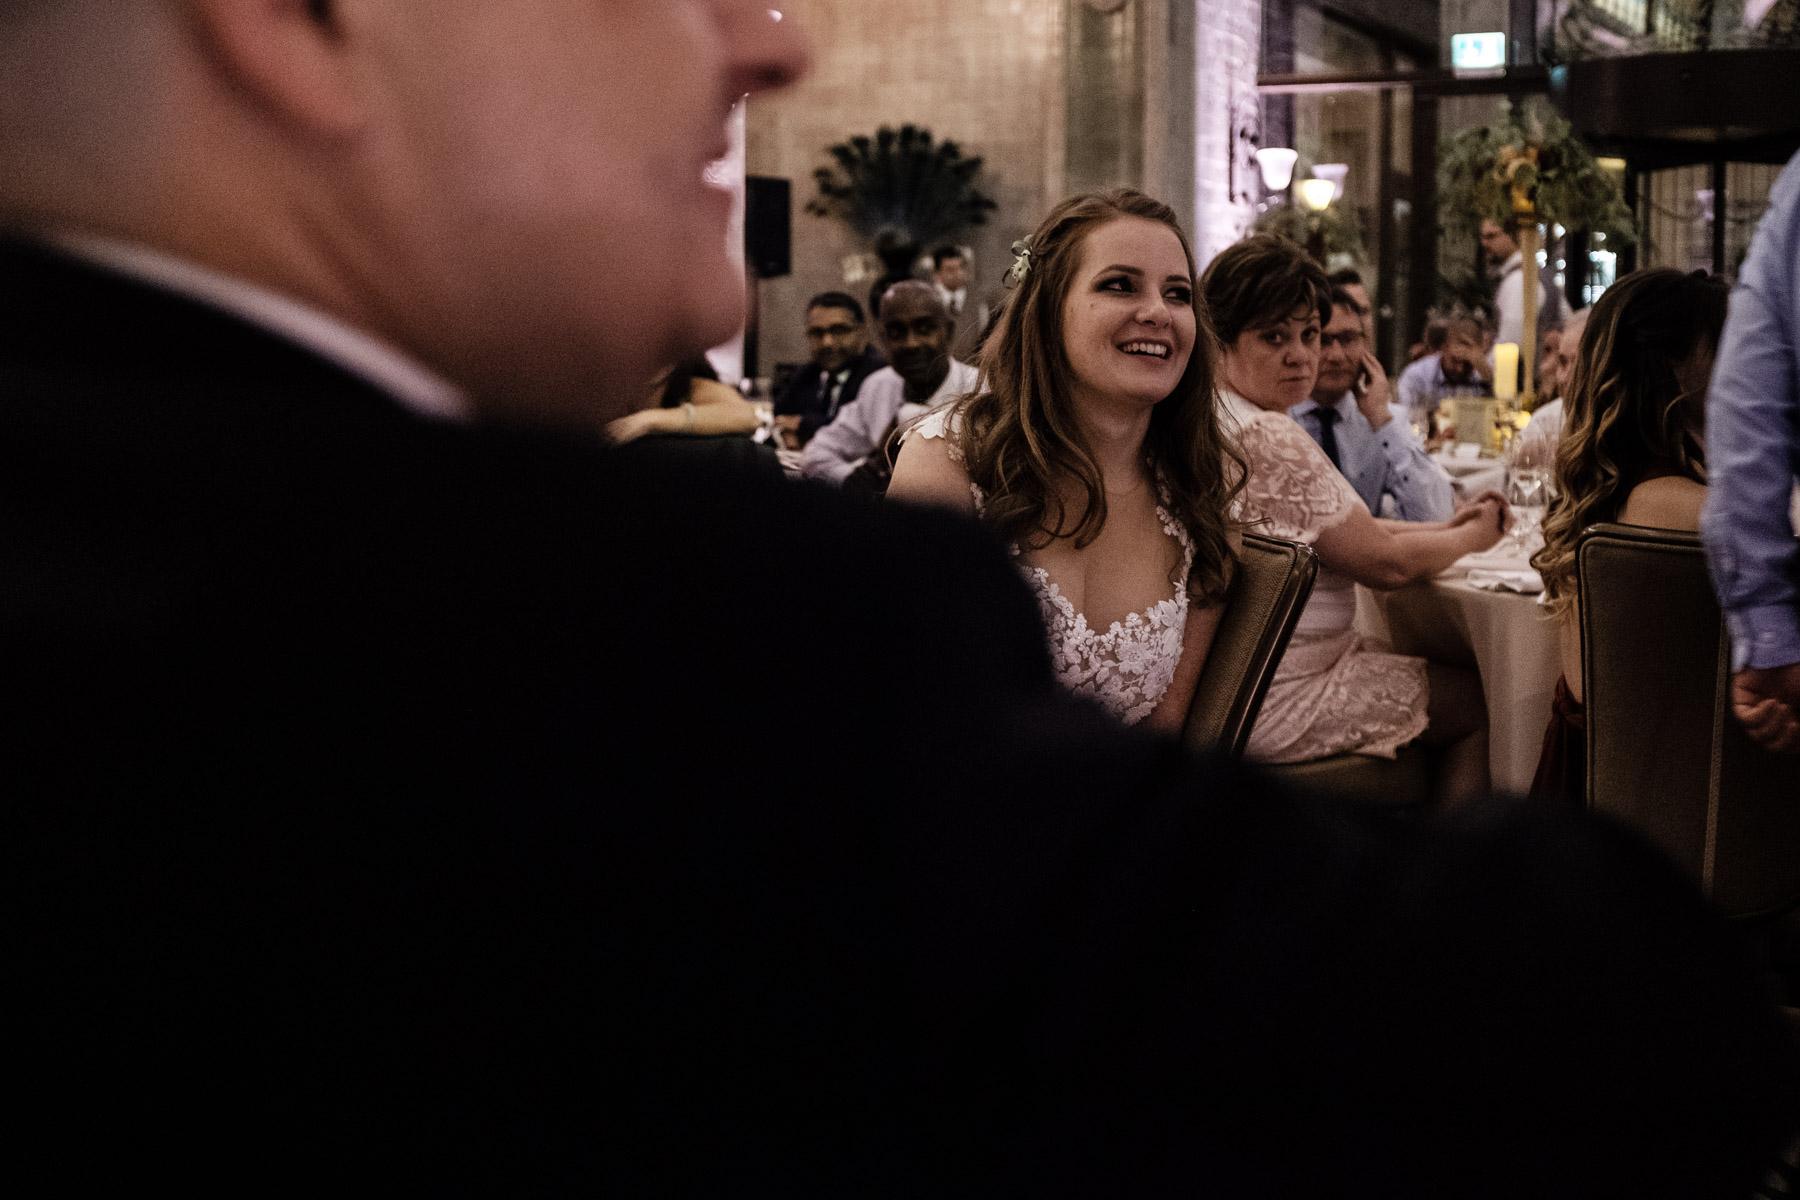 MartinLiebl_Kein_Hochzeitsfotograf_No_Wedding_Photographer_Budapest_Gresham_Palace_066.jpg